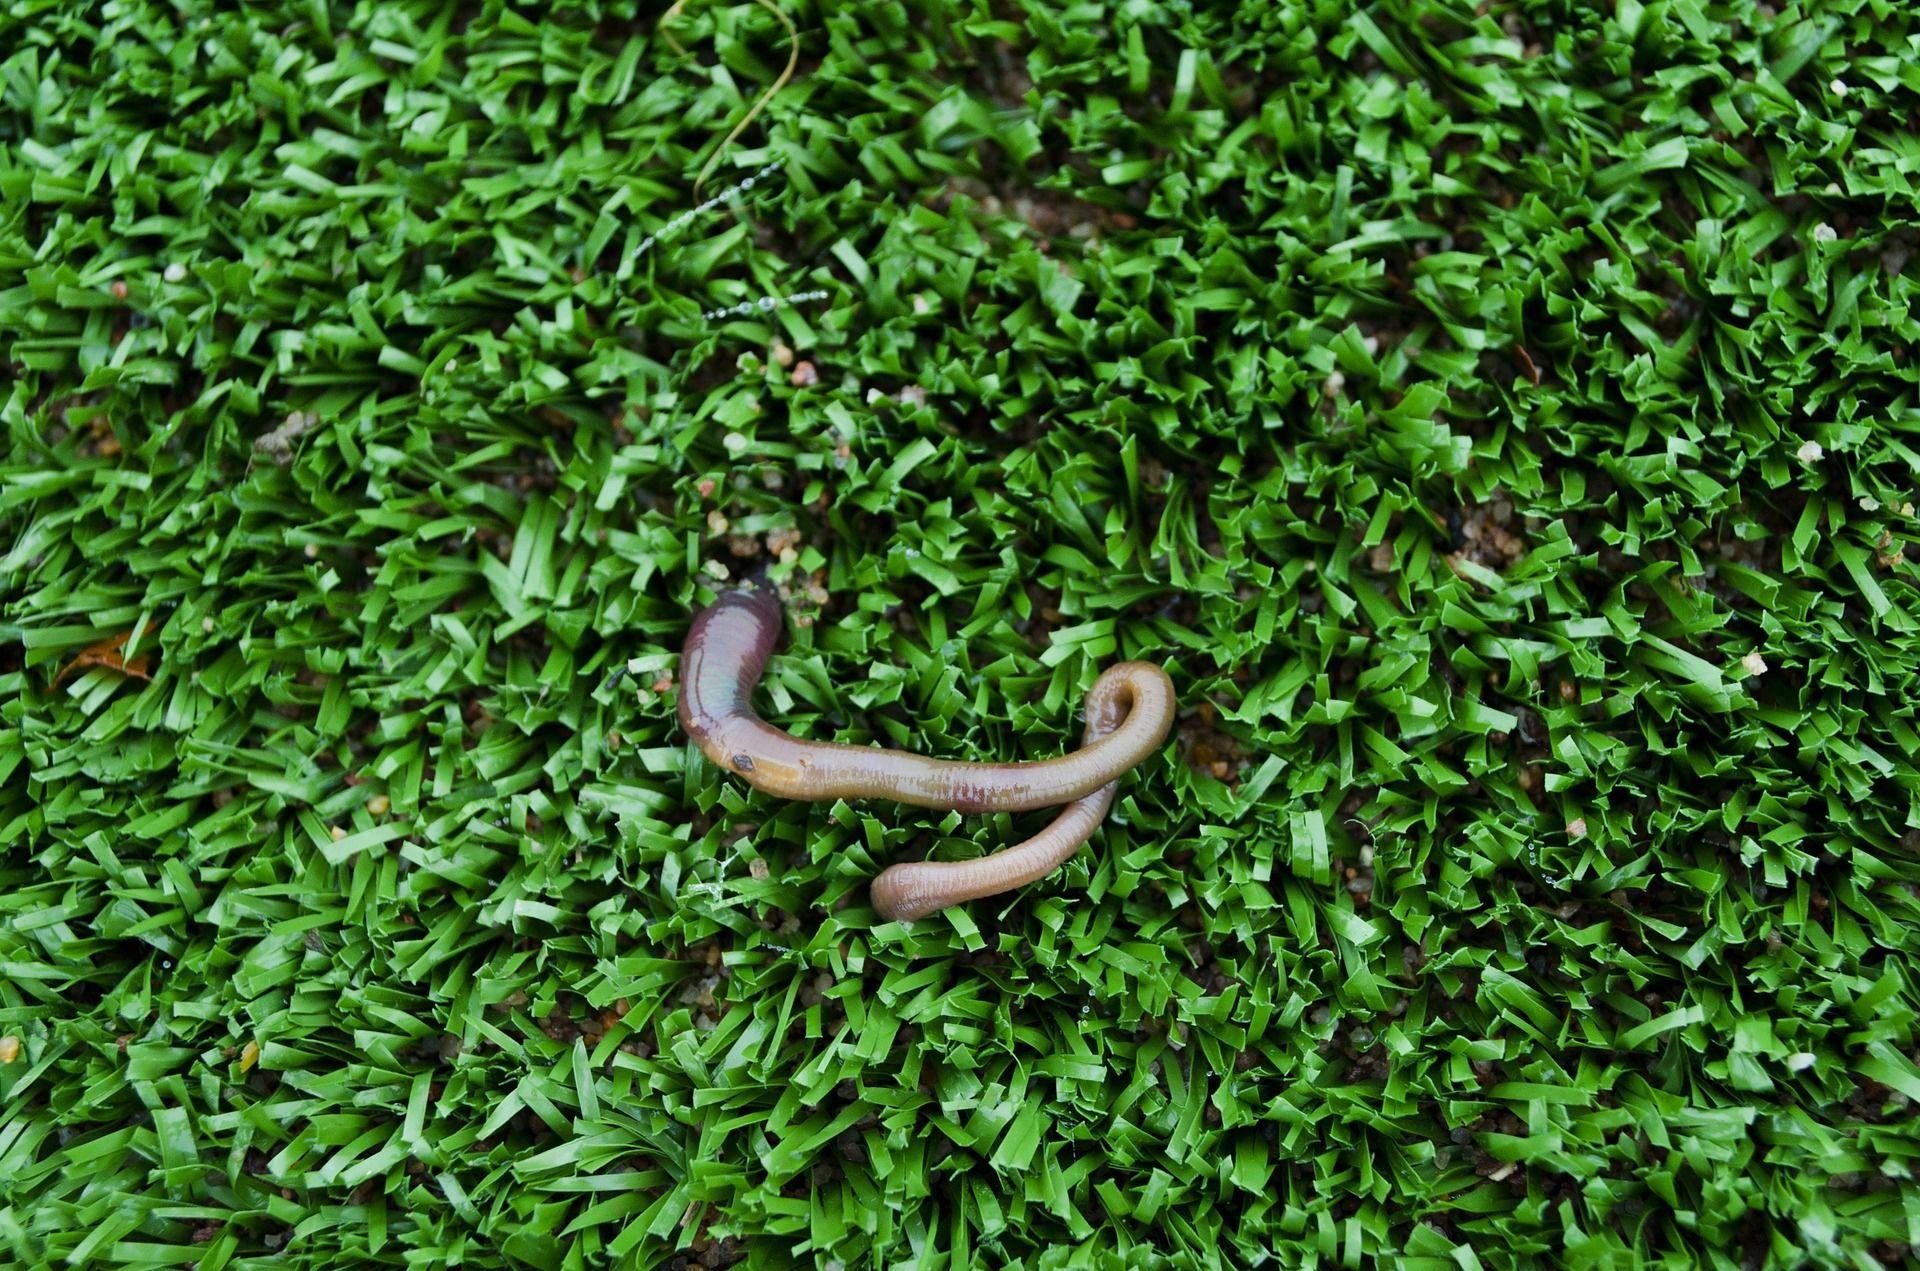 Фото большого дождевого червя